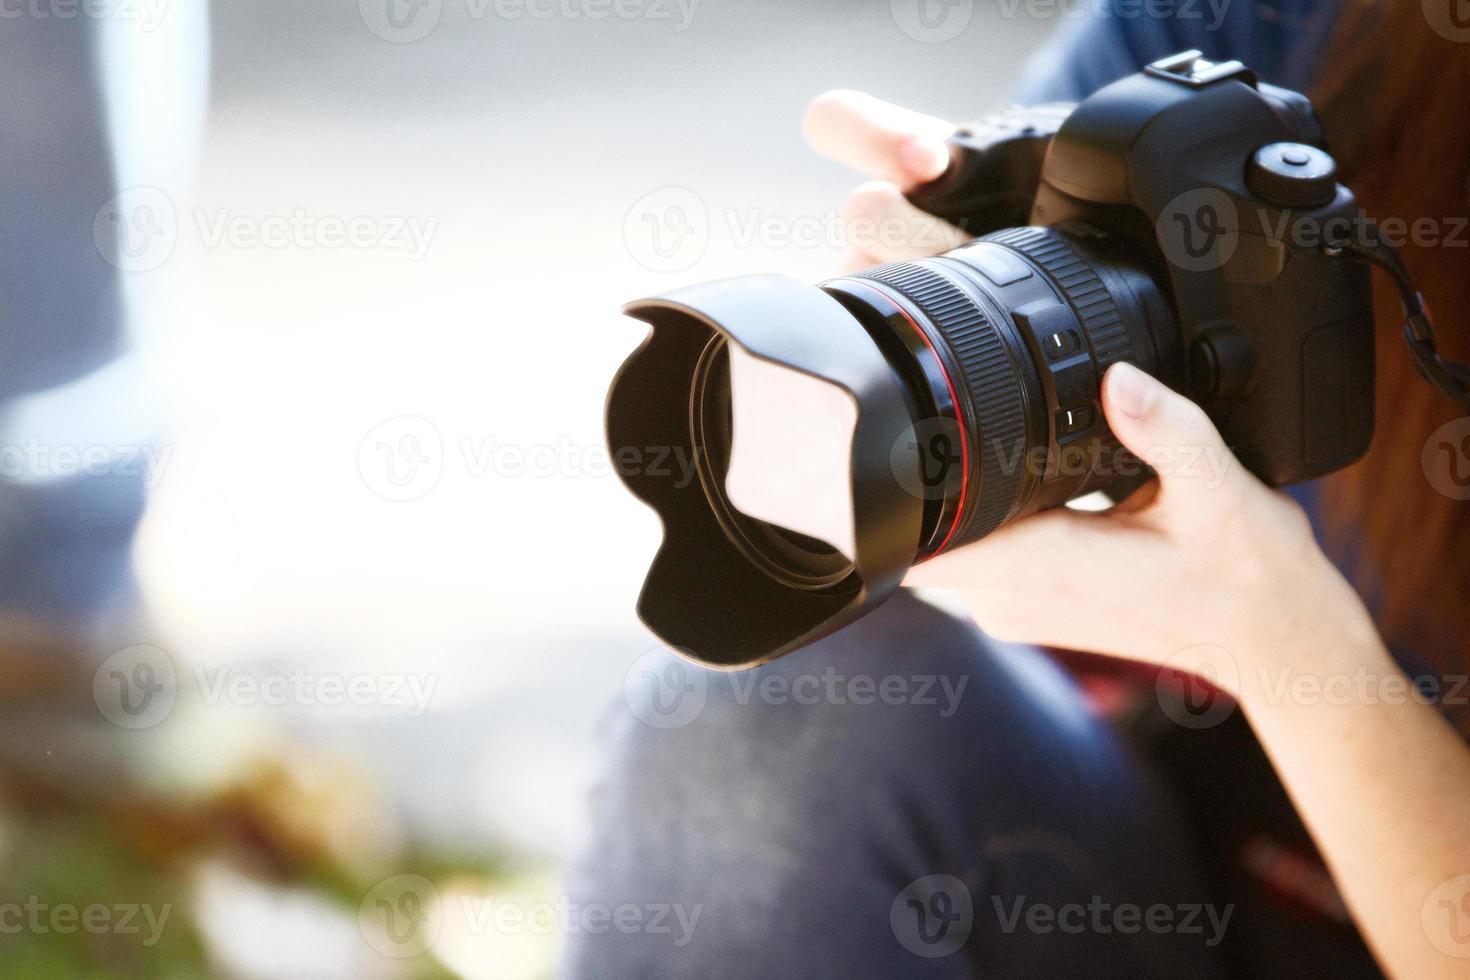 sosteniendo una cámara de fotograma completo. foto